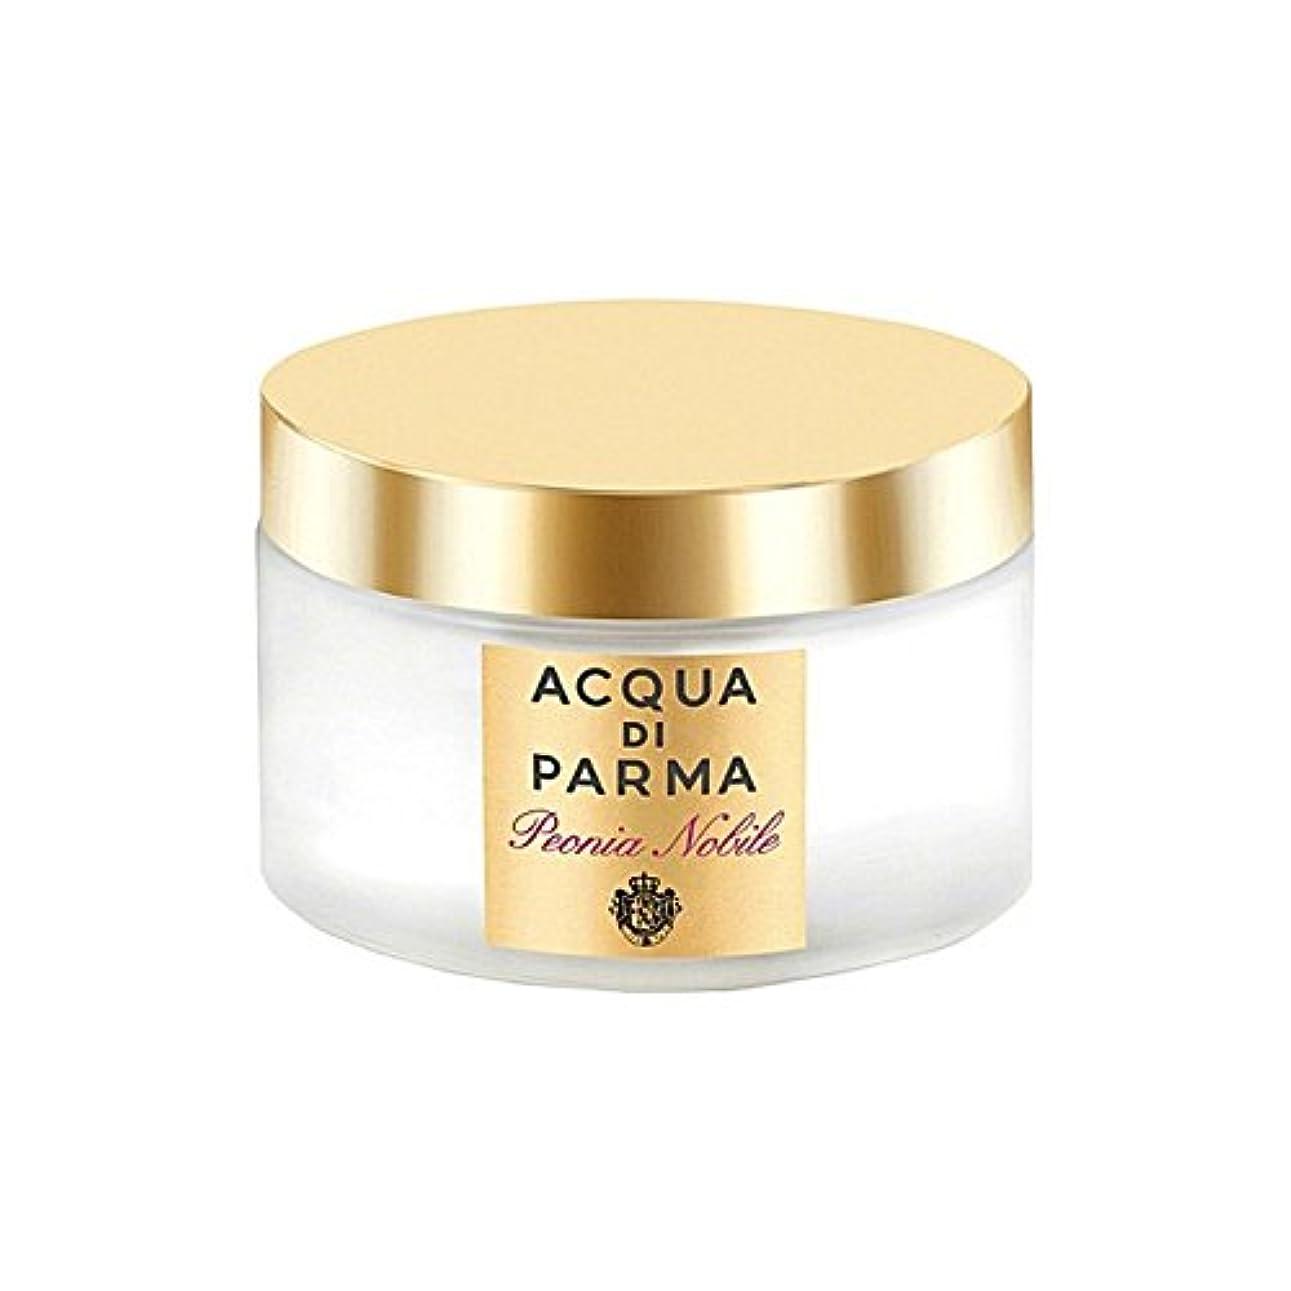 動作直立書くAcqua Di Parma Peonia Nobile Body Cream 150ml - アクアディパルマノビレボディクリーム150ミリリットル [並行輸入品]